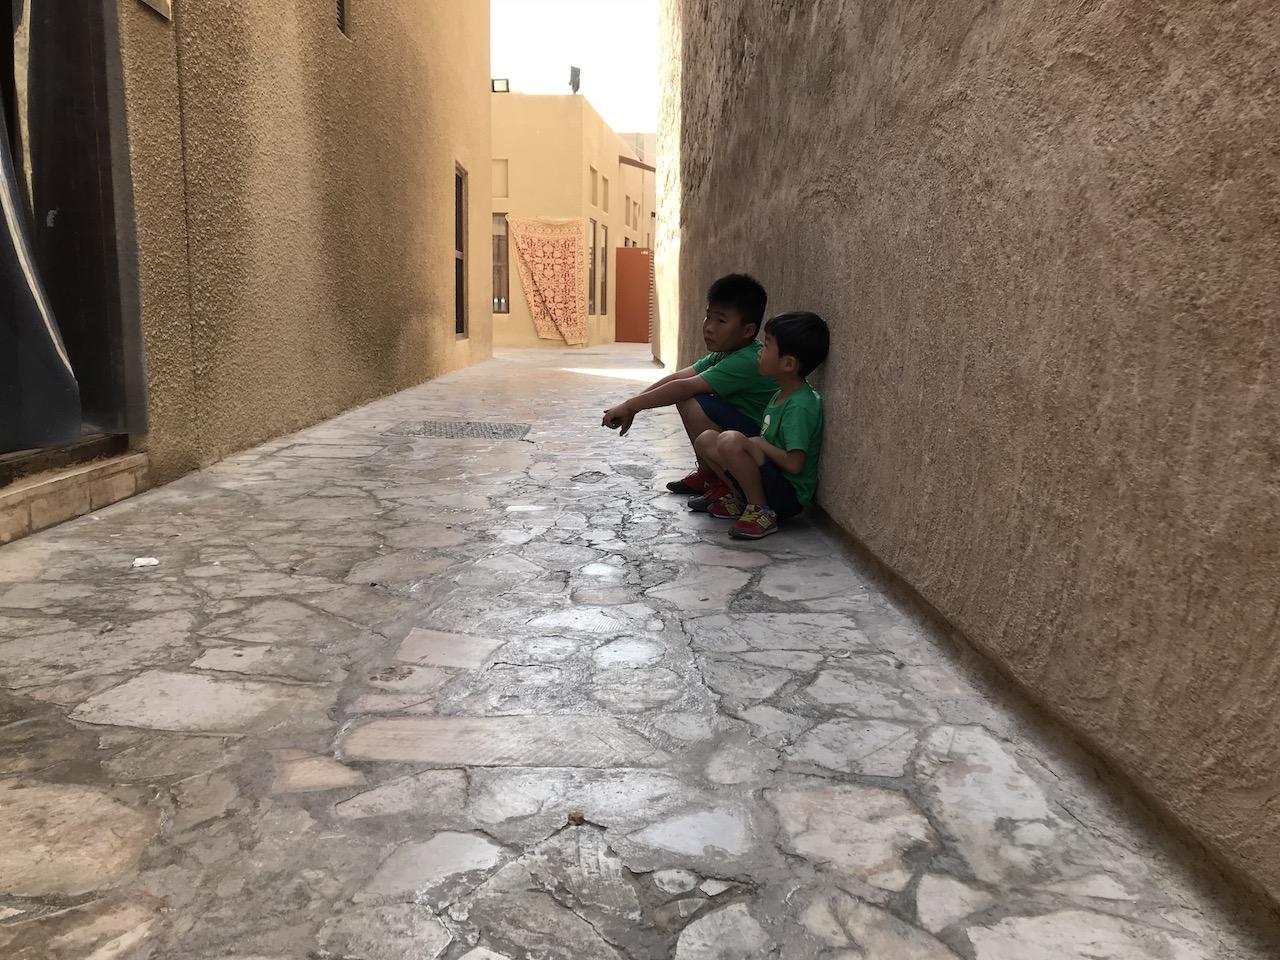 『ドバイの街』ってどんなとこ?アラビアンな観光スポットをご紹介!